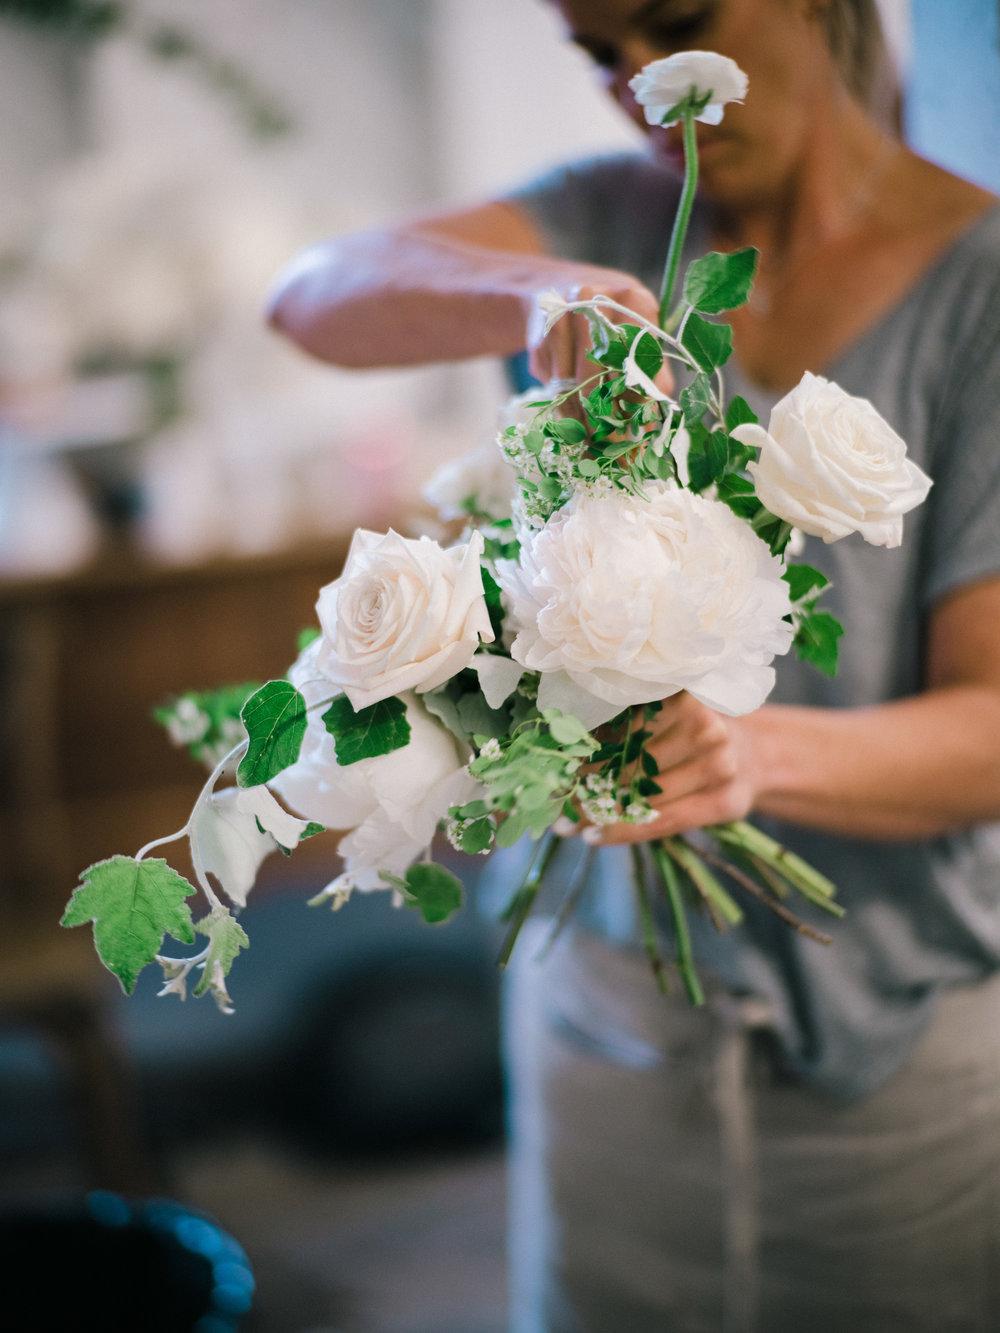 sinclairandmoore-real-wedding-workshop-ryanflynn-00496.jpg